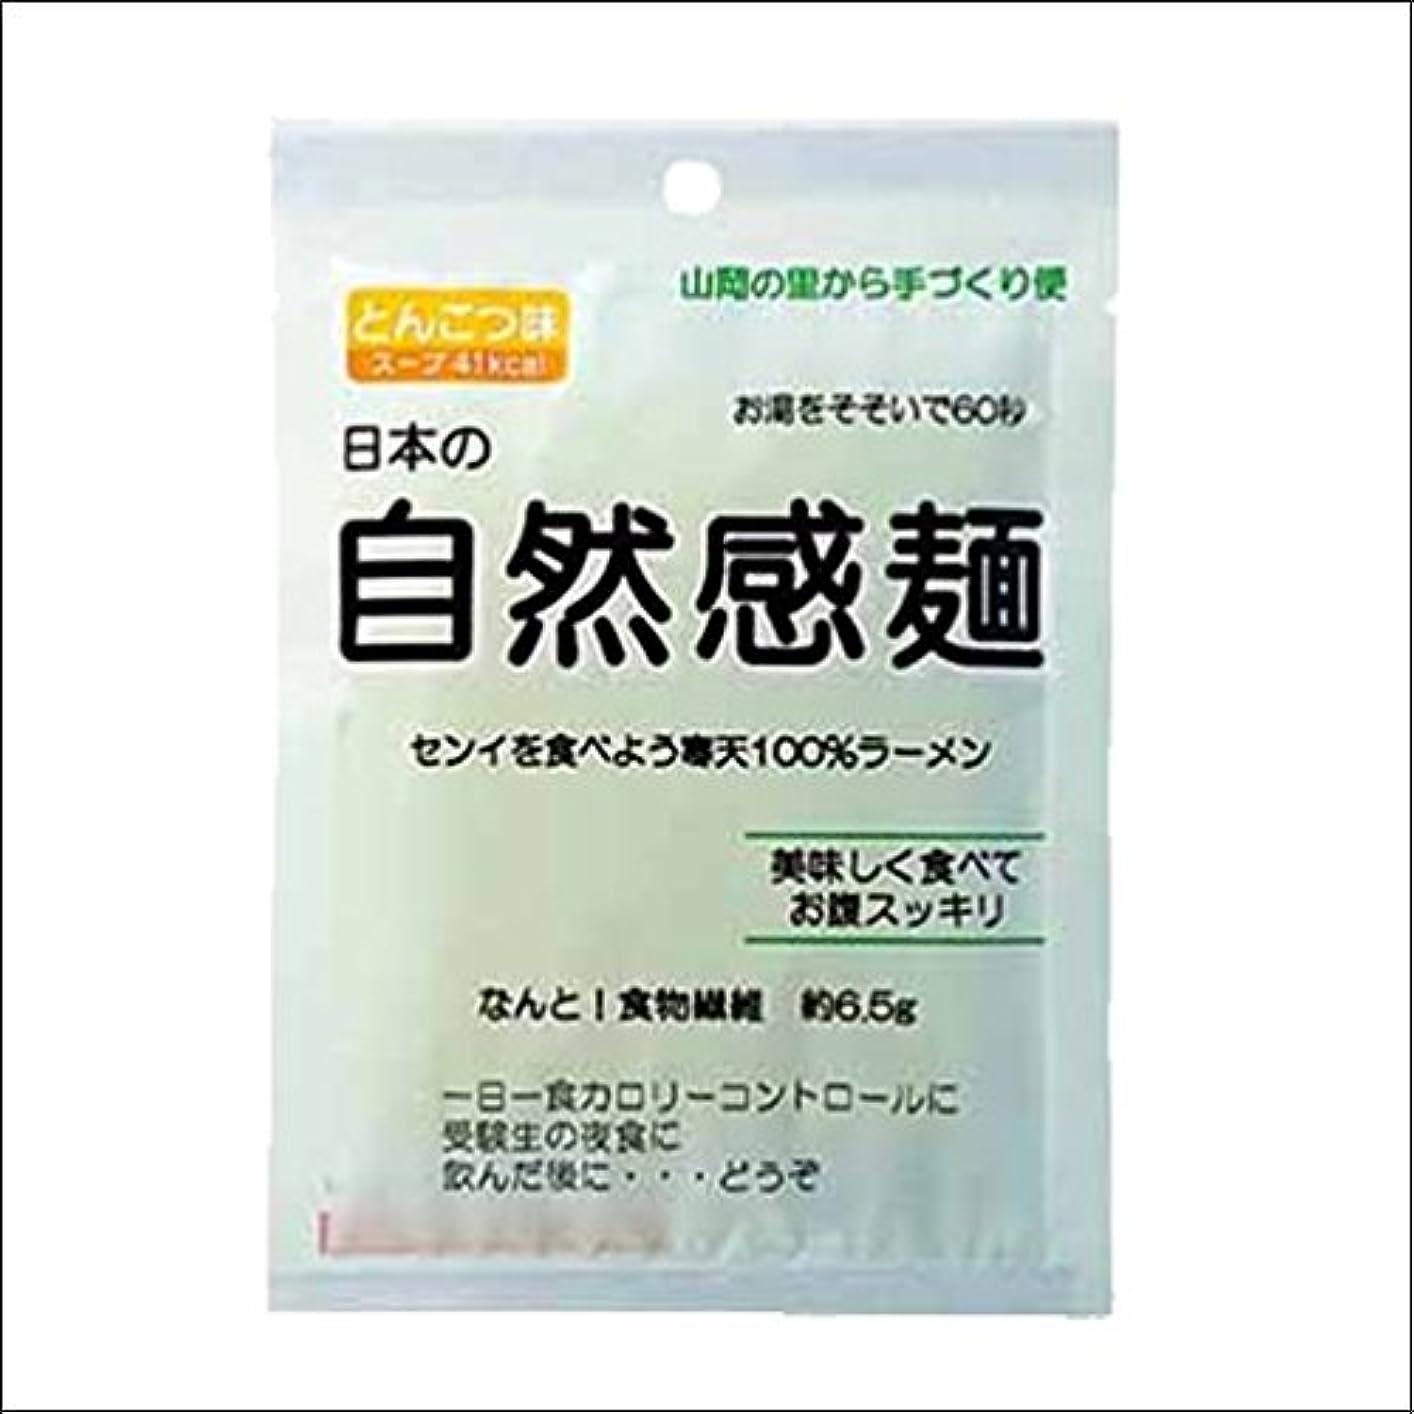 チャンピオンシップ団結自動【ダイエットラーメン】 日本の自然感麺(寒天ラーメン) とんこつ味 1袋